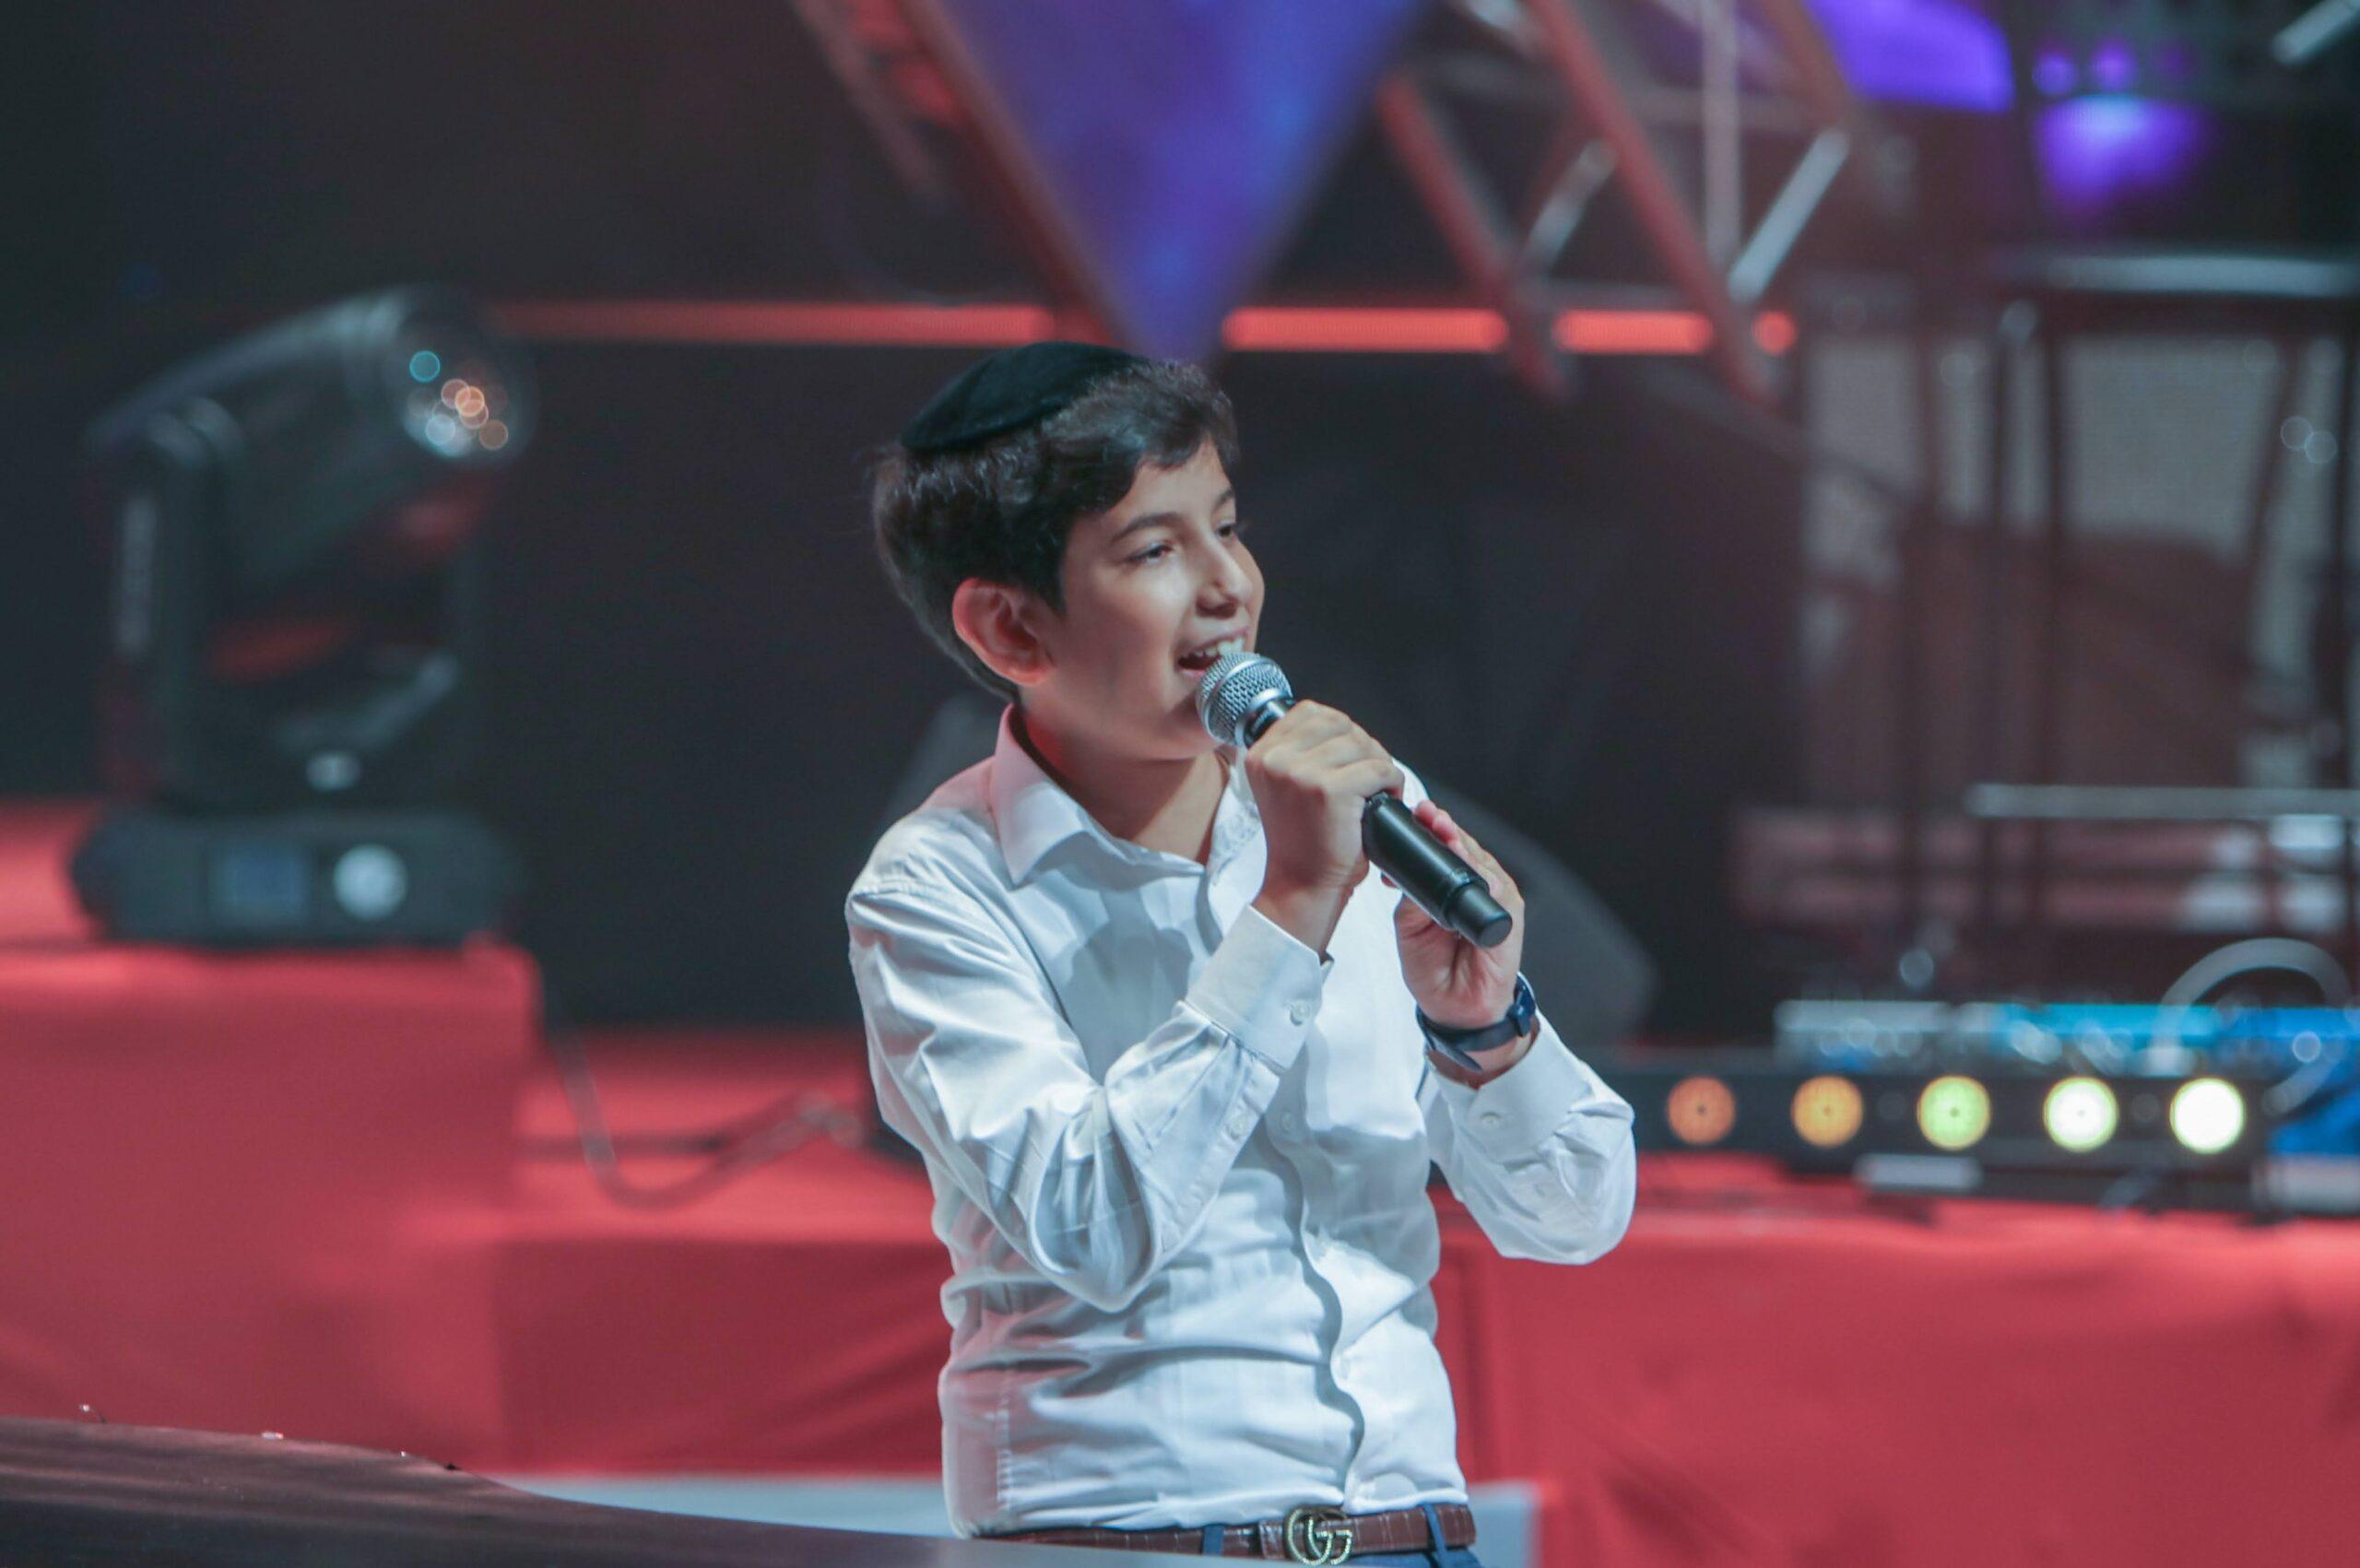 'באתי להודות': ילד הפלא יהונתן בן עזרא בסינגל בכורה 11